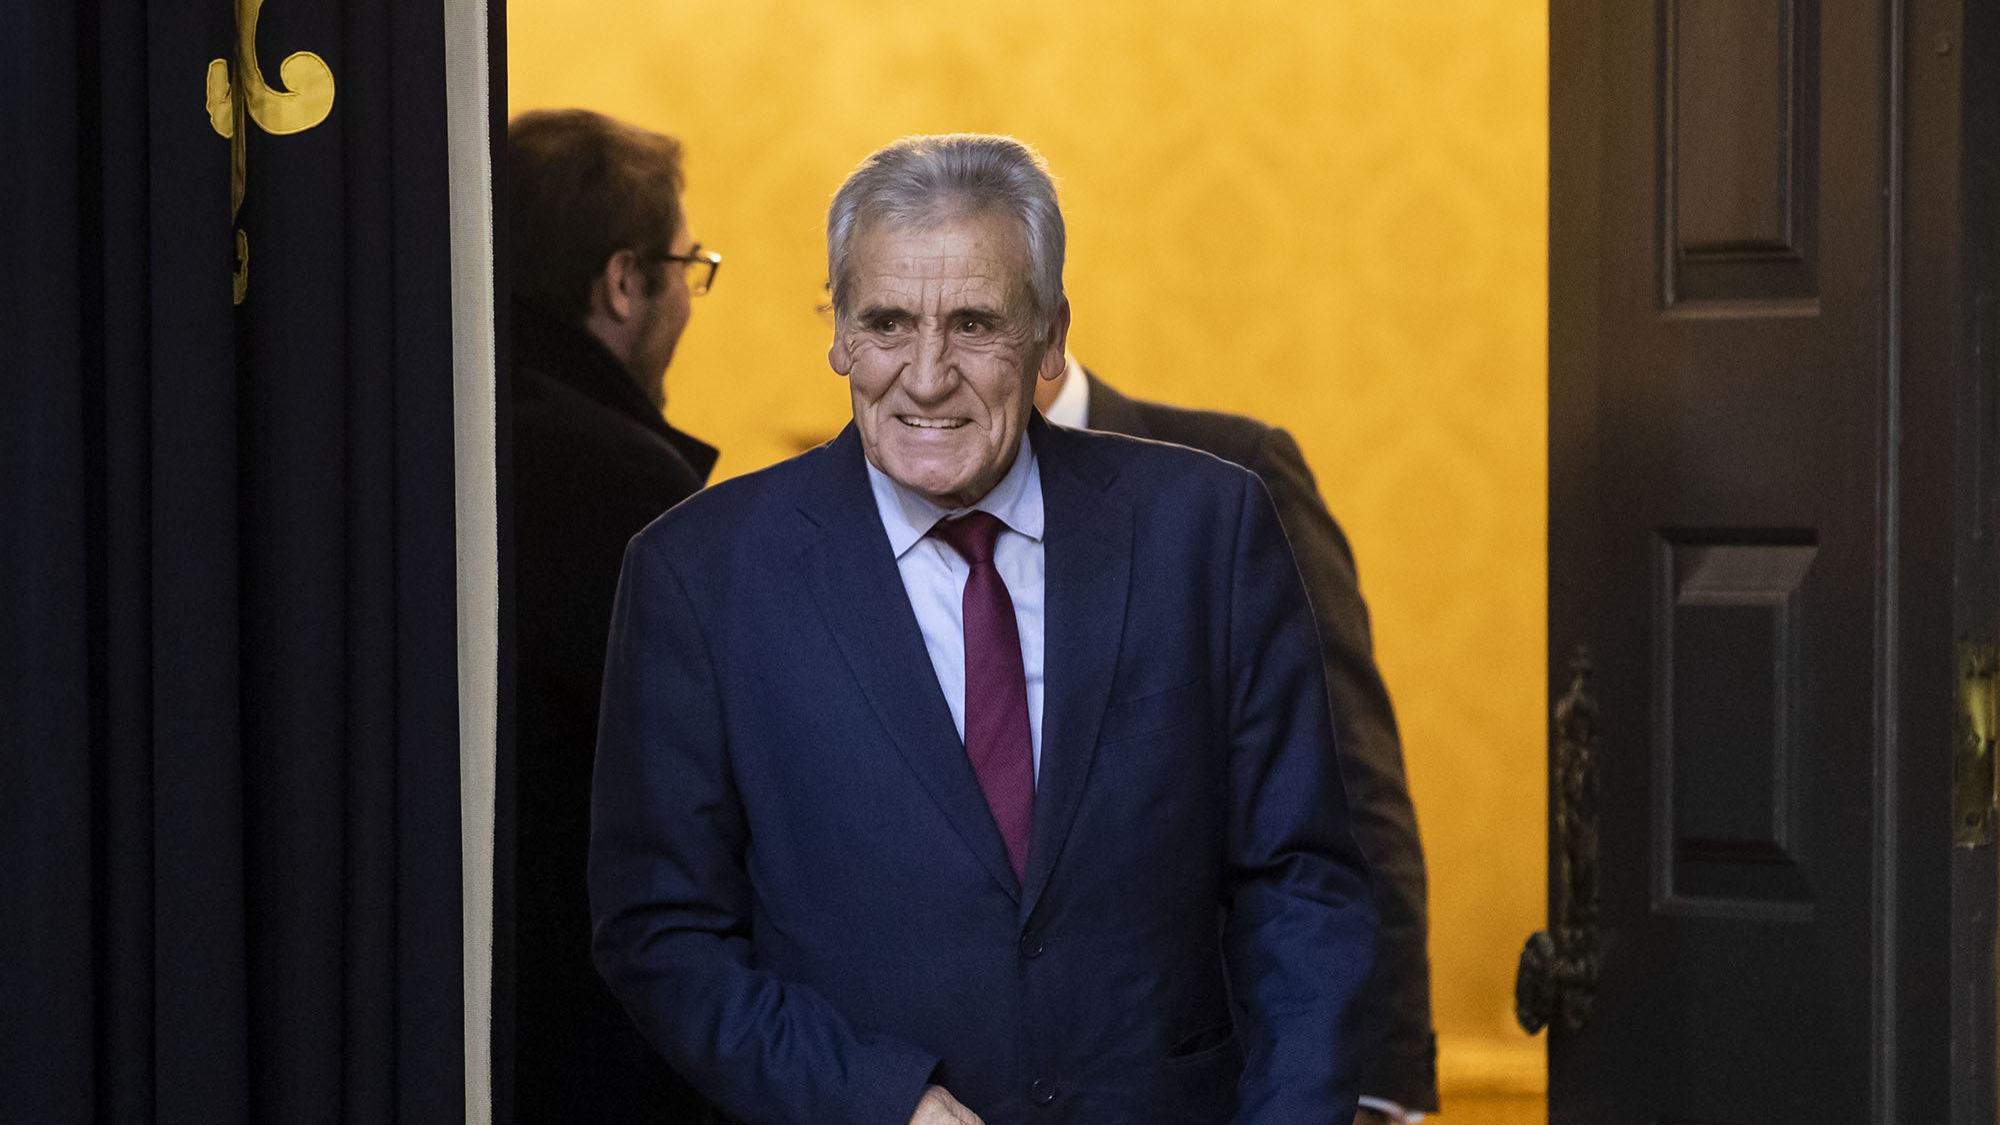 """Jerónimo diz que """"logo se verá"""" voto final no Orçamento do Estado"""